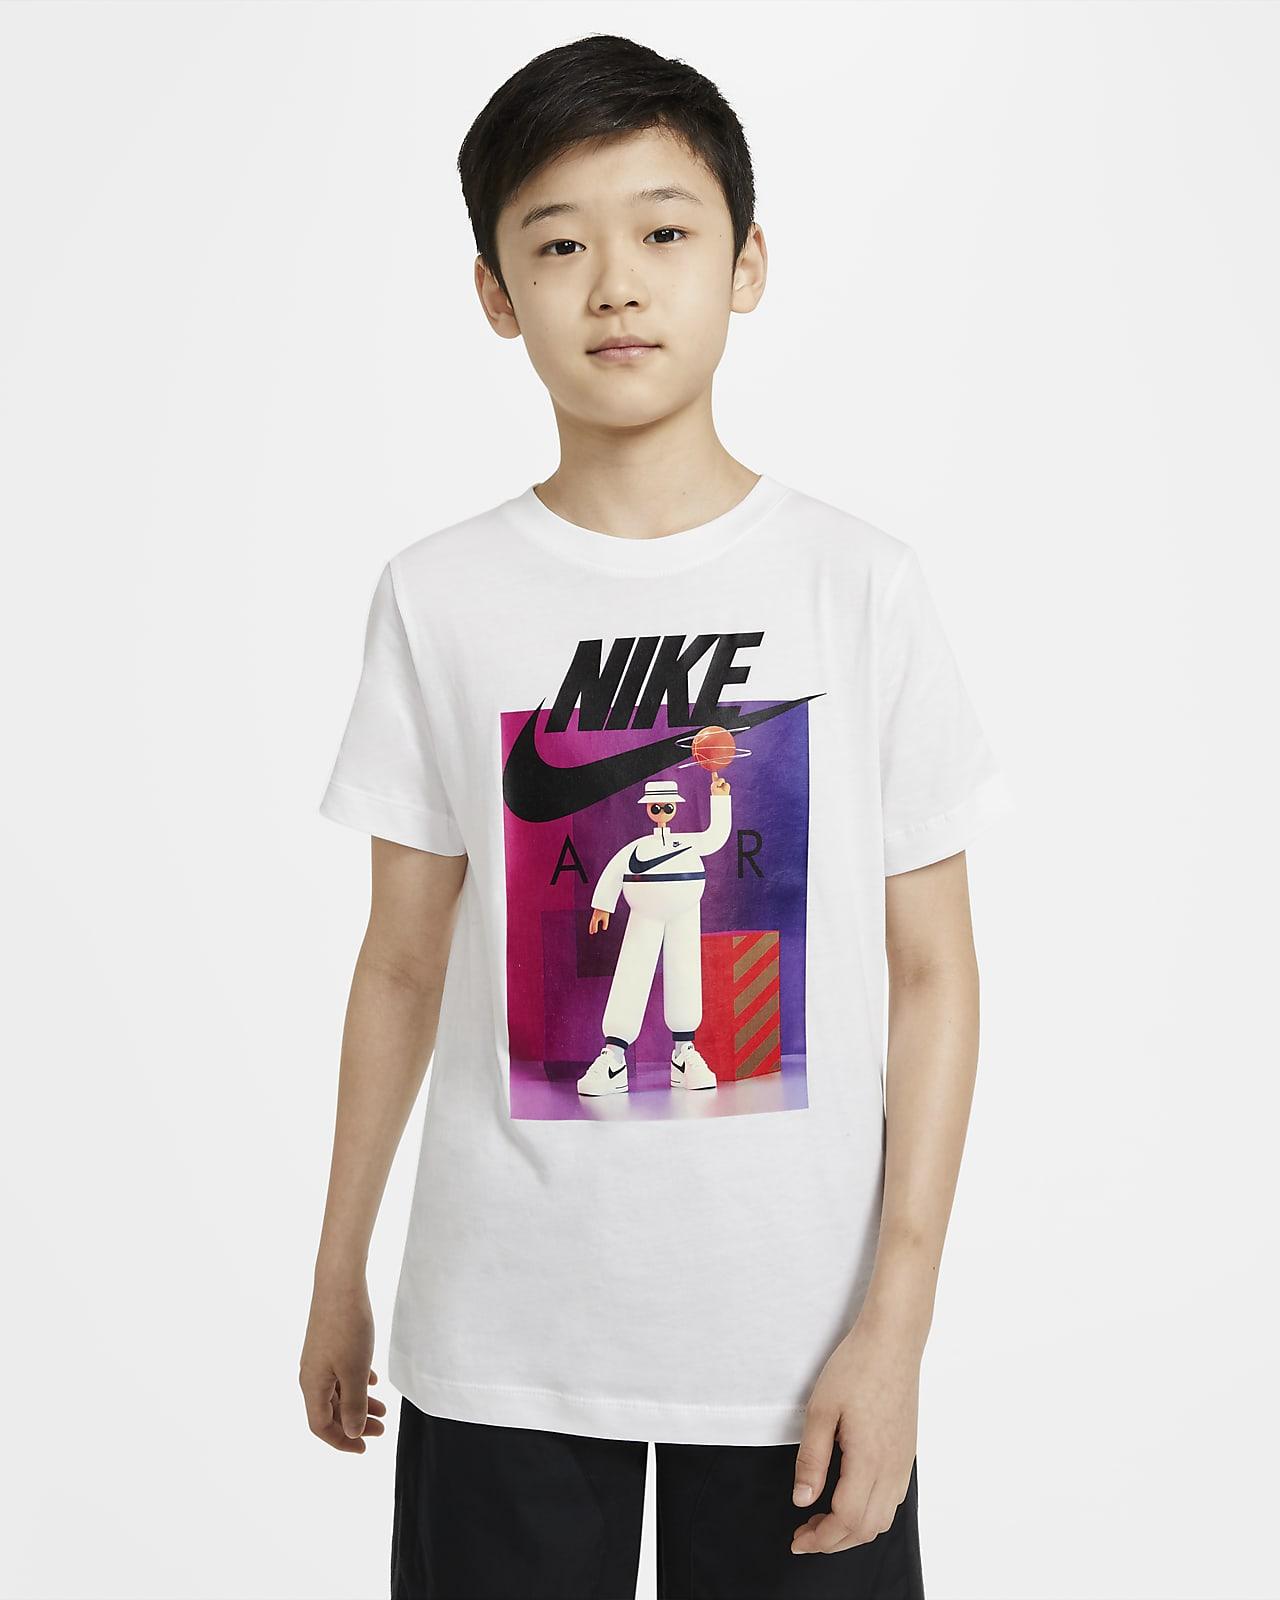 T-shirt Nike Air för ungdom (killar)